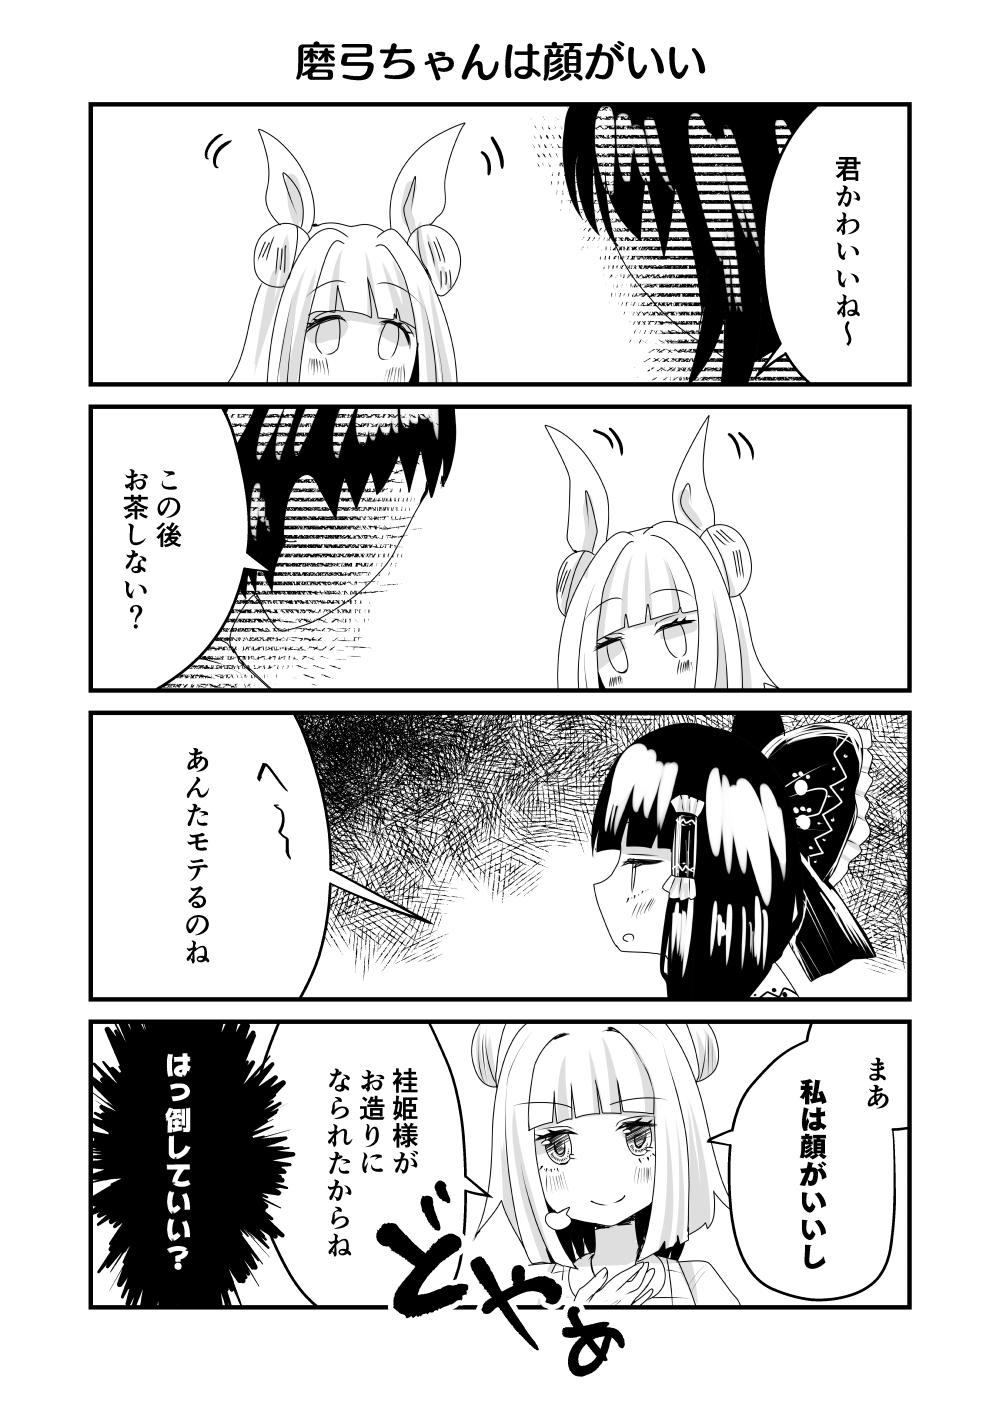 20190923「磨弓ちゃんは顔がいい」(杖刀偶磨弓)01P